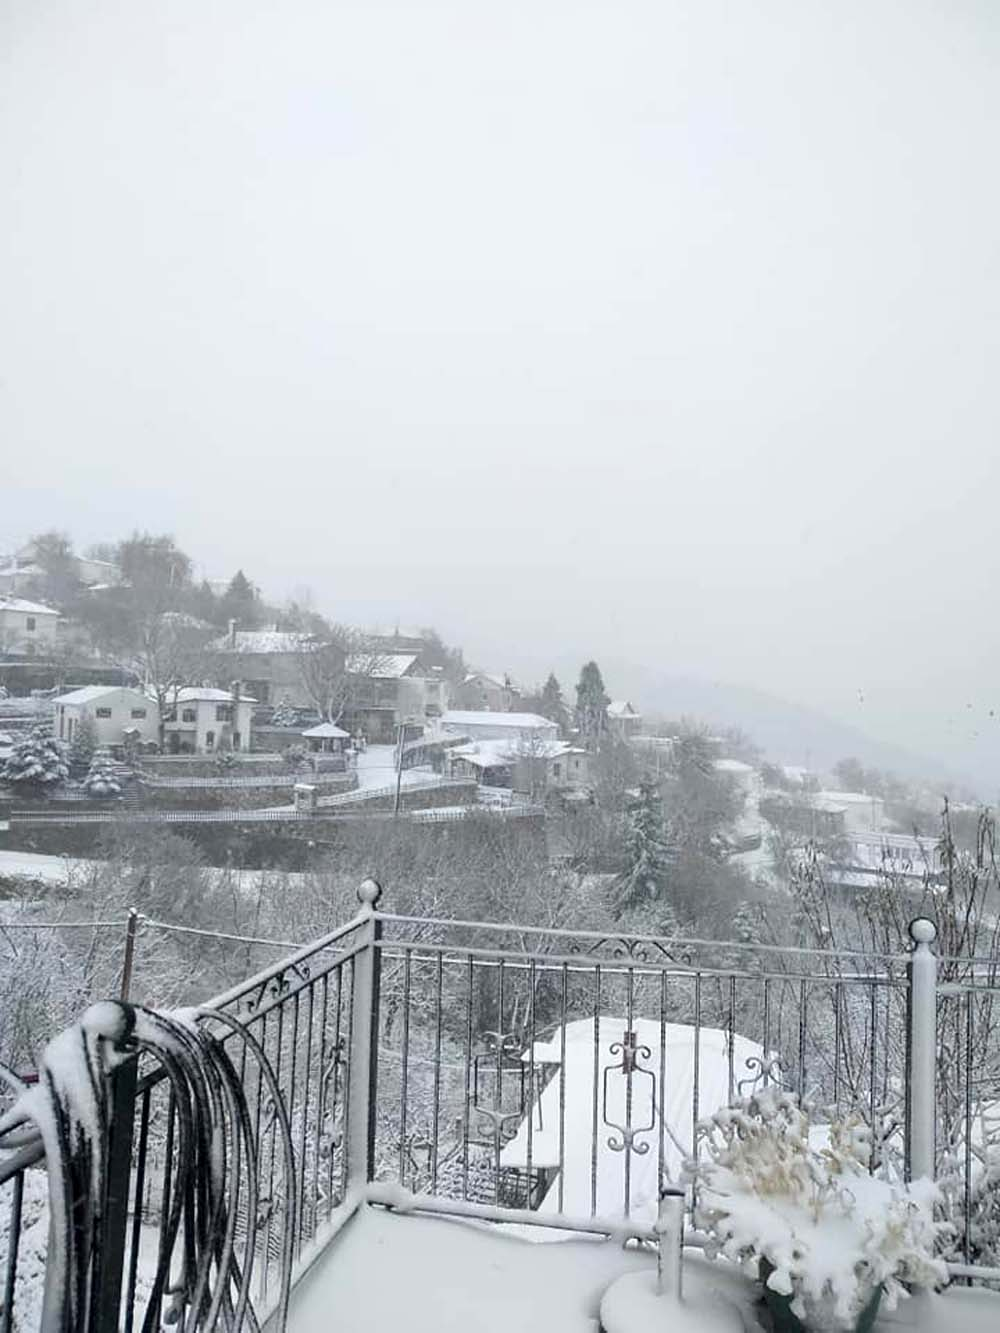 Θυμίζει... Άλπεις σήμερα η χιονισμένη Σπηλιά στον Κίσσαβο - Δείτε βίντεο και φωτογραφίες